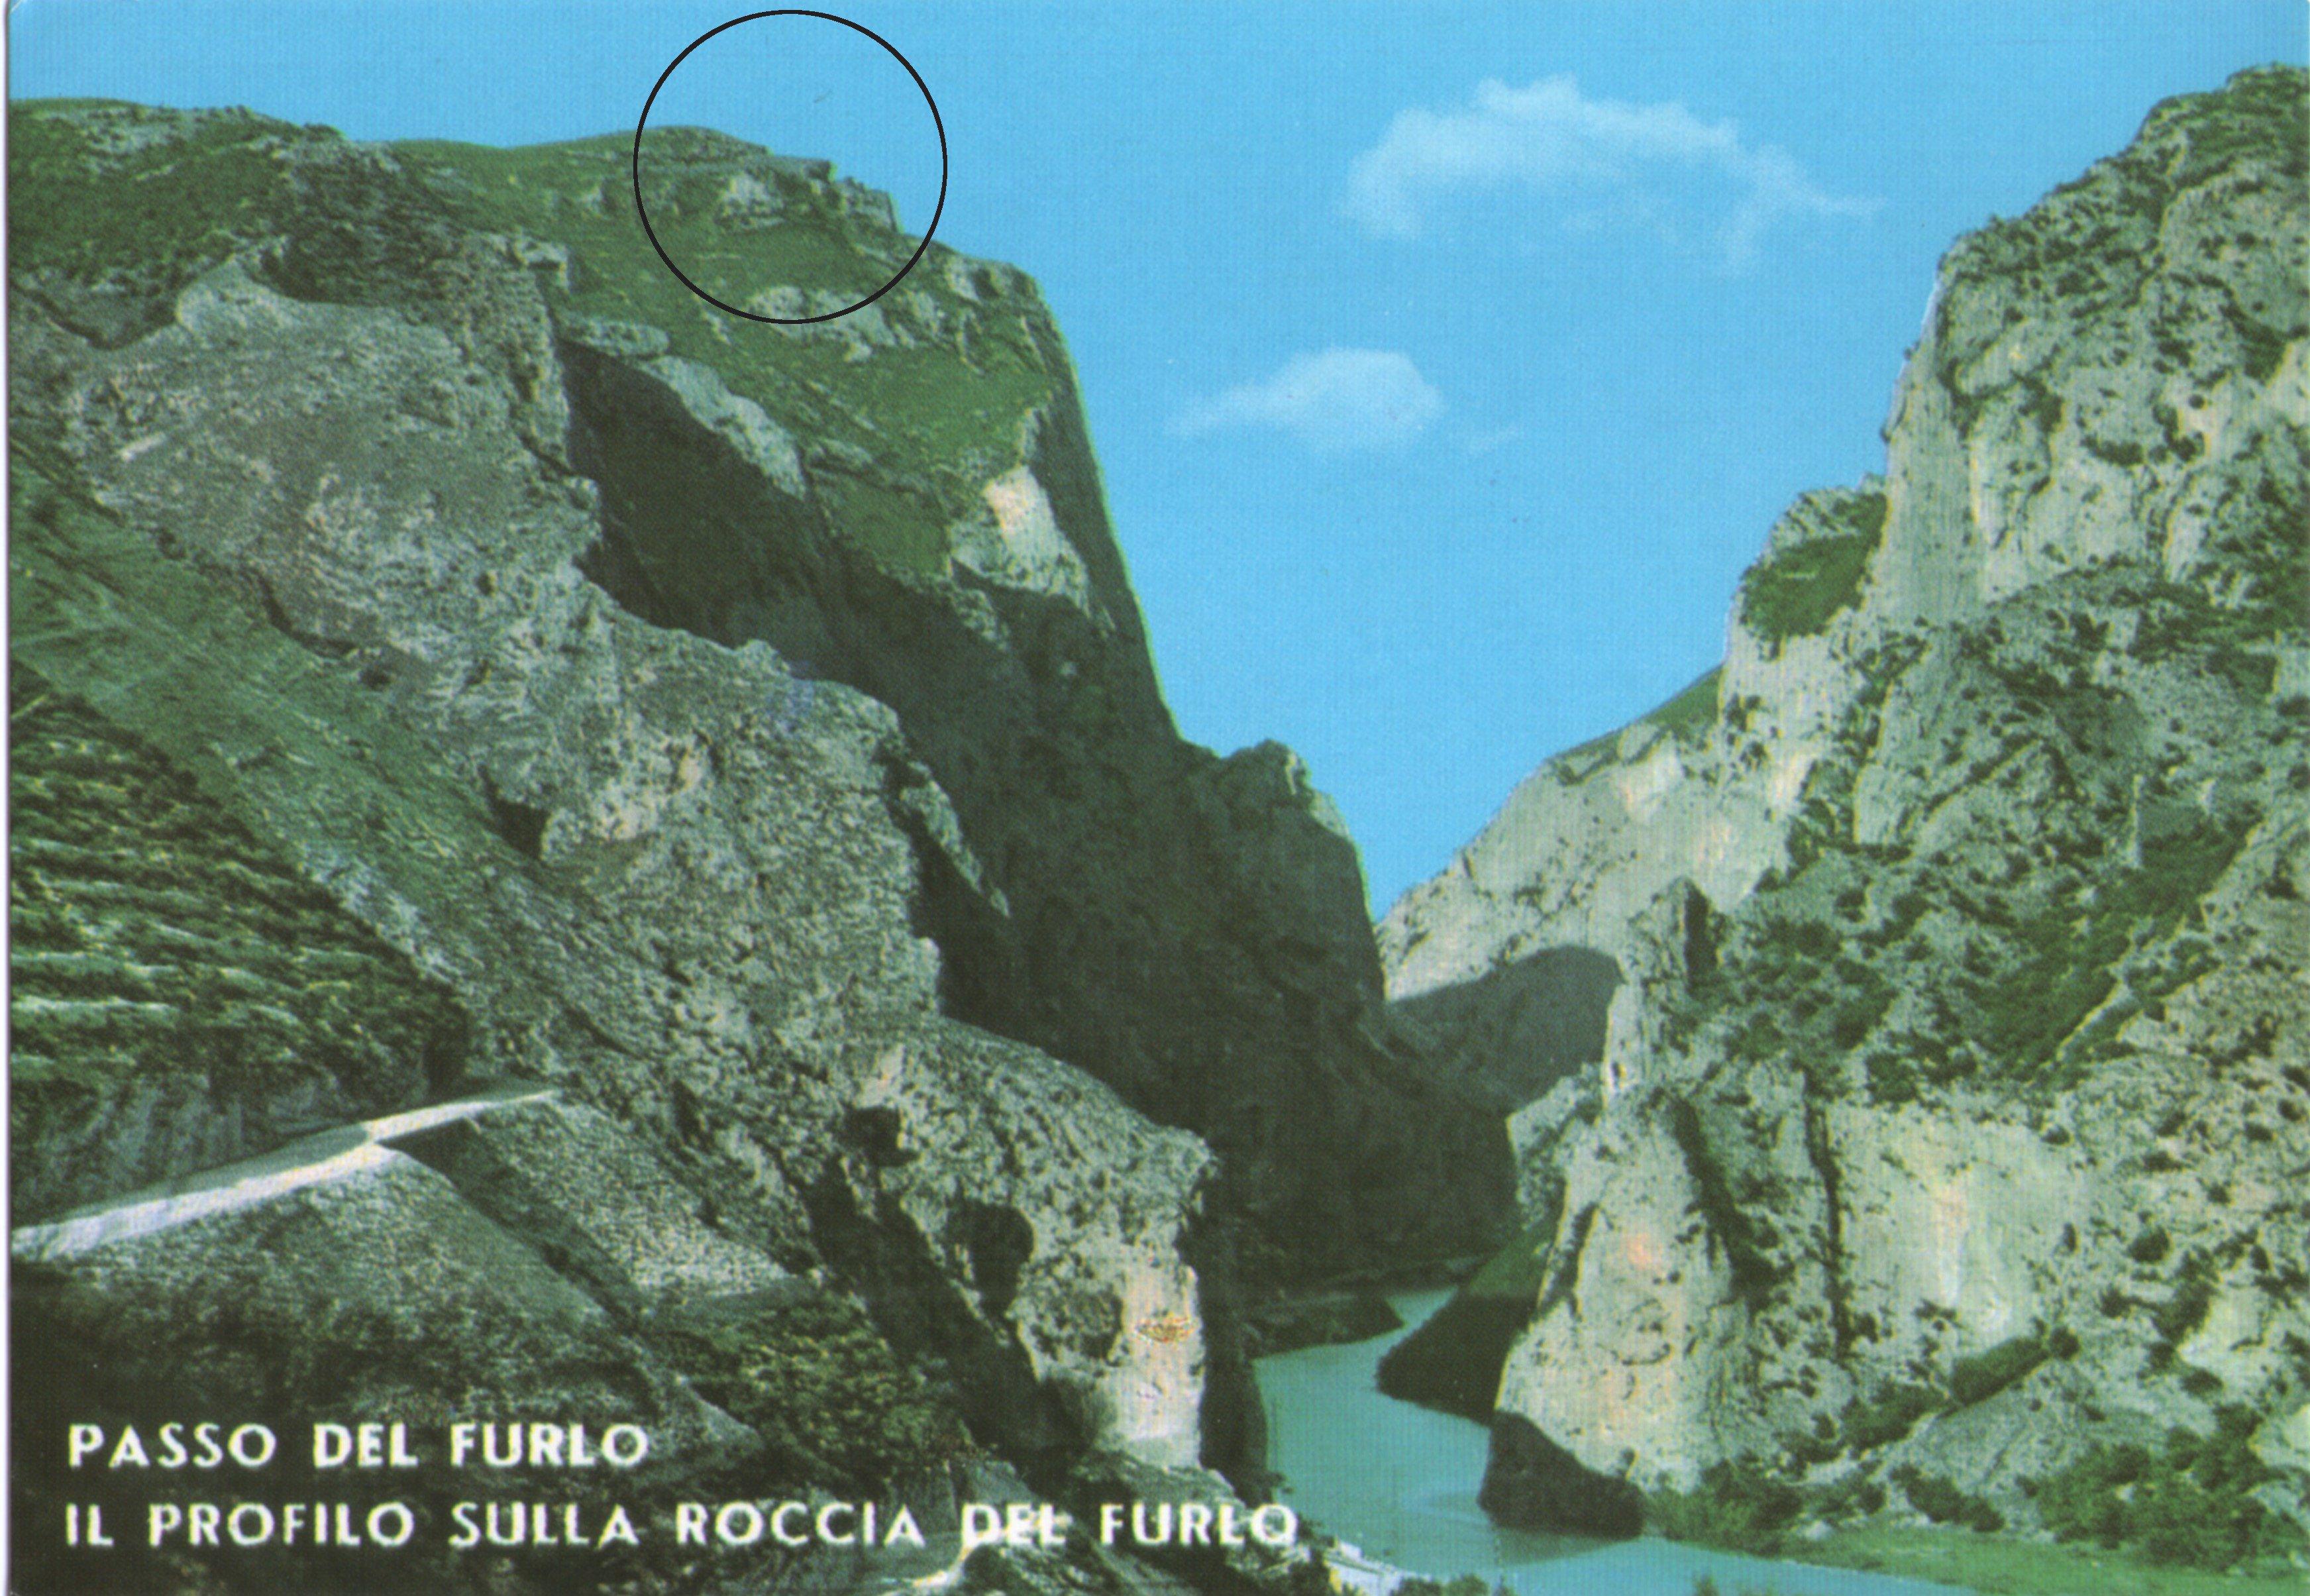 Il profilo di Mussolini sul monte Pietralata in una vecchia cartolina